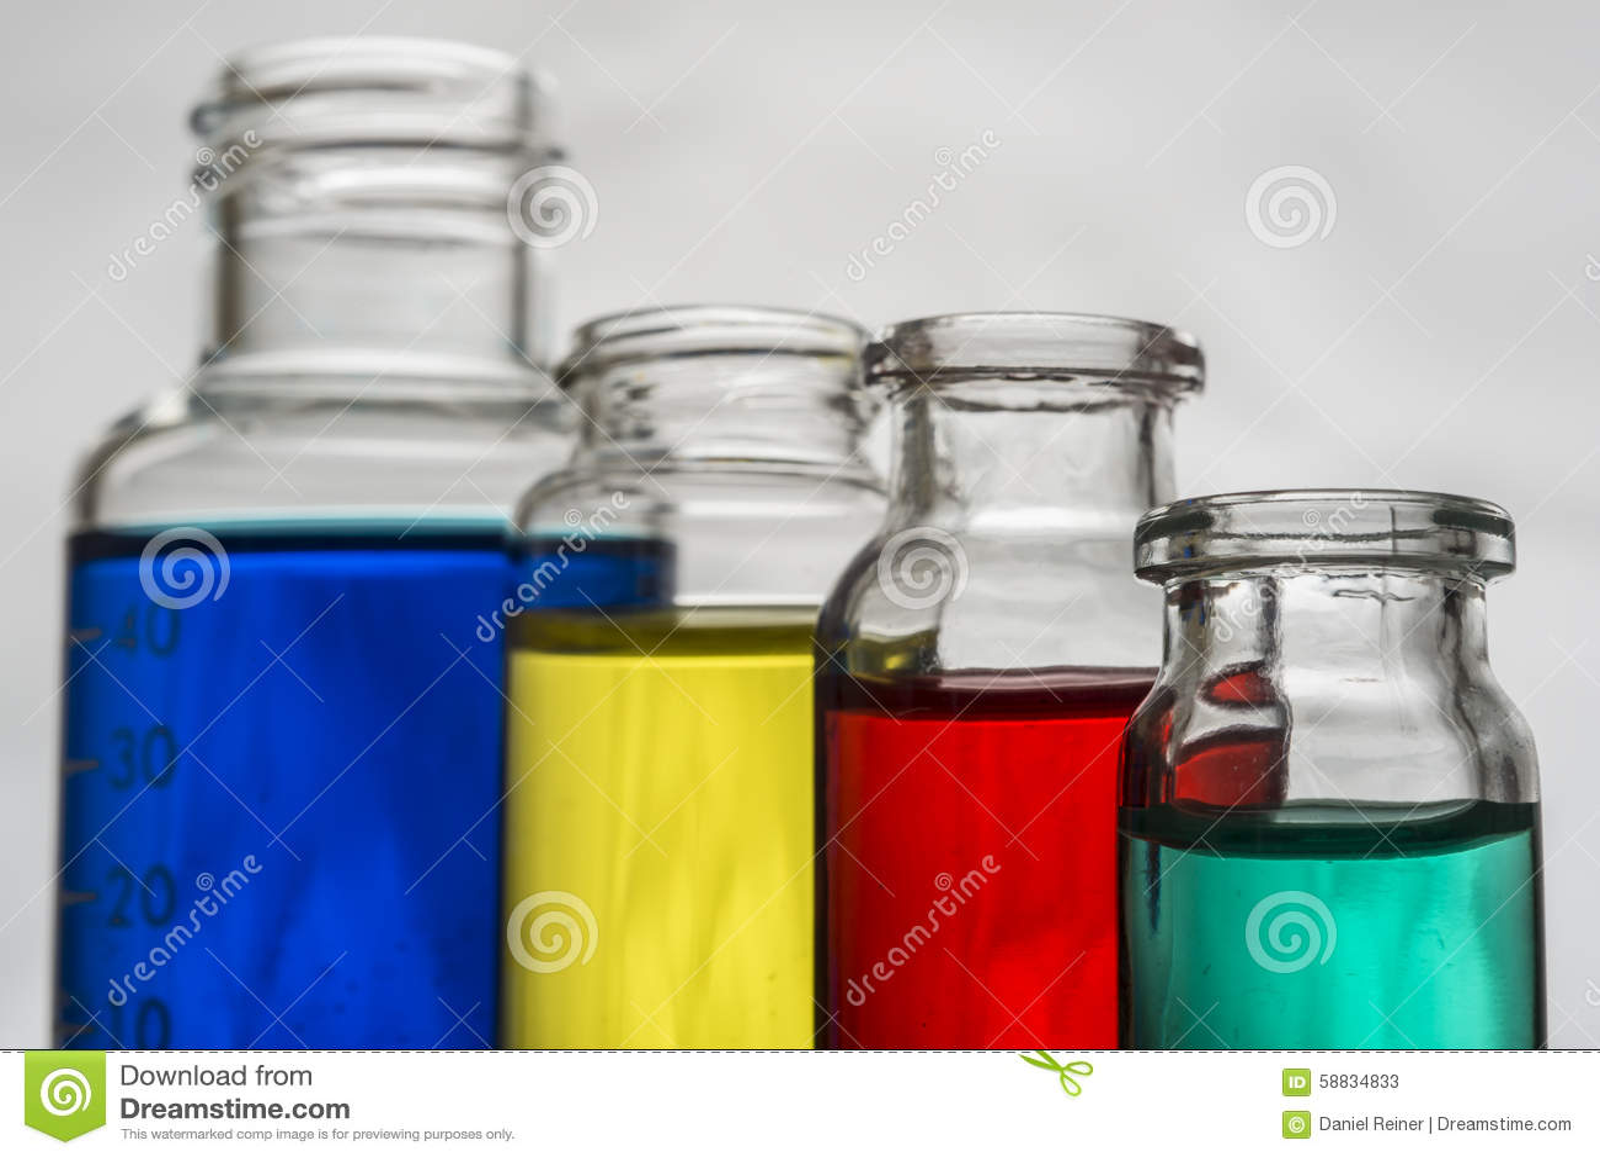 Σύνολο εργαστηριακών μπουκαλιών με το υγρό